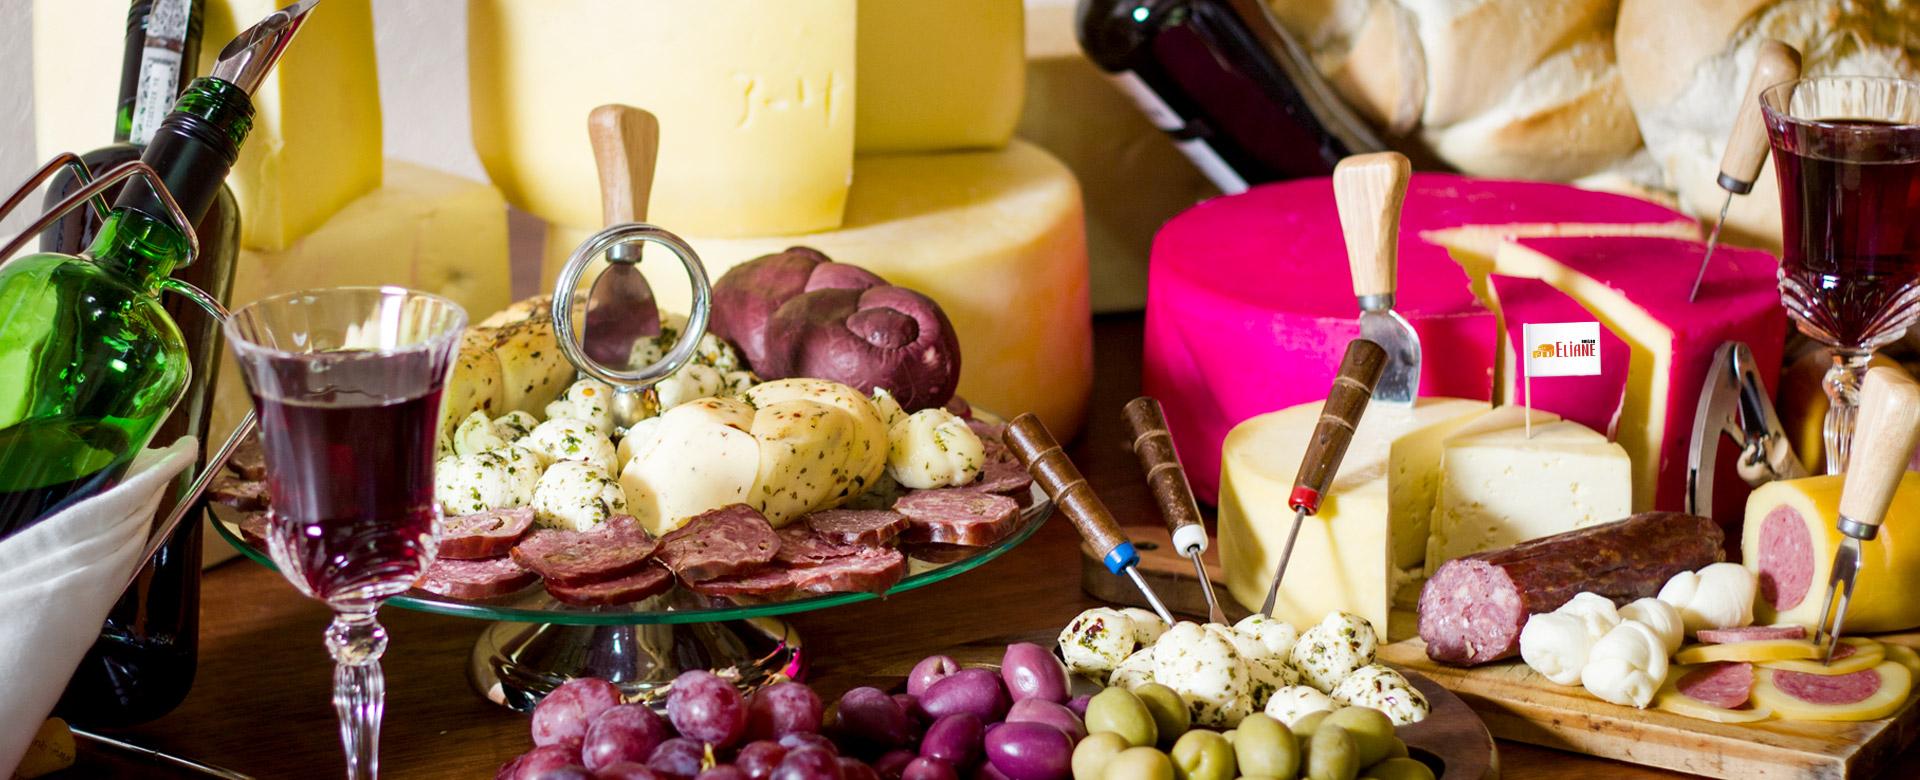 queijos-elaine-banner-2